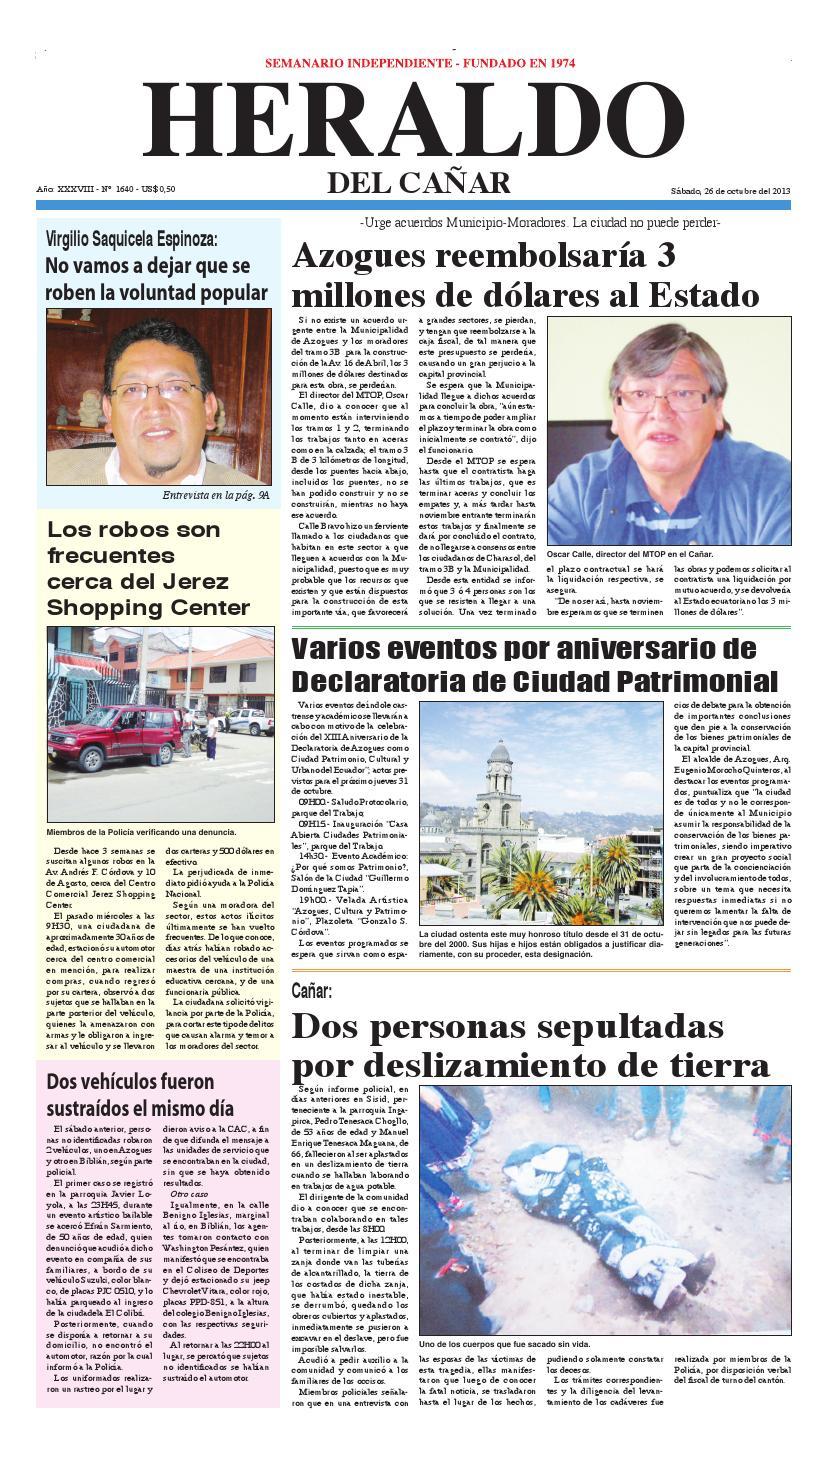 Periódico Digital - Heraldo del Cañar by Noticias del Cañar - issuu 49ca24a413f